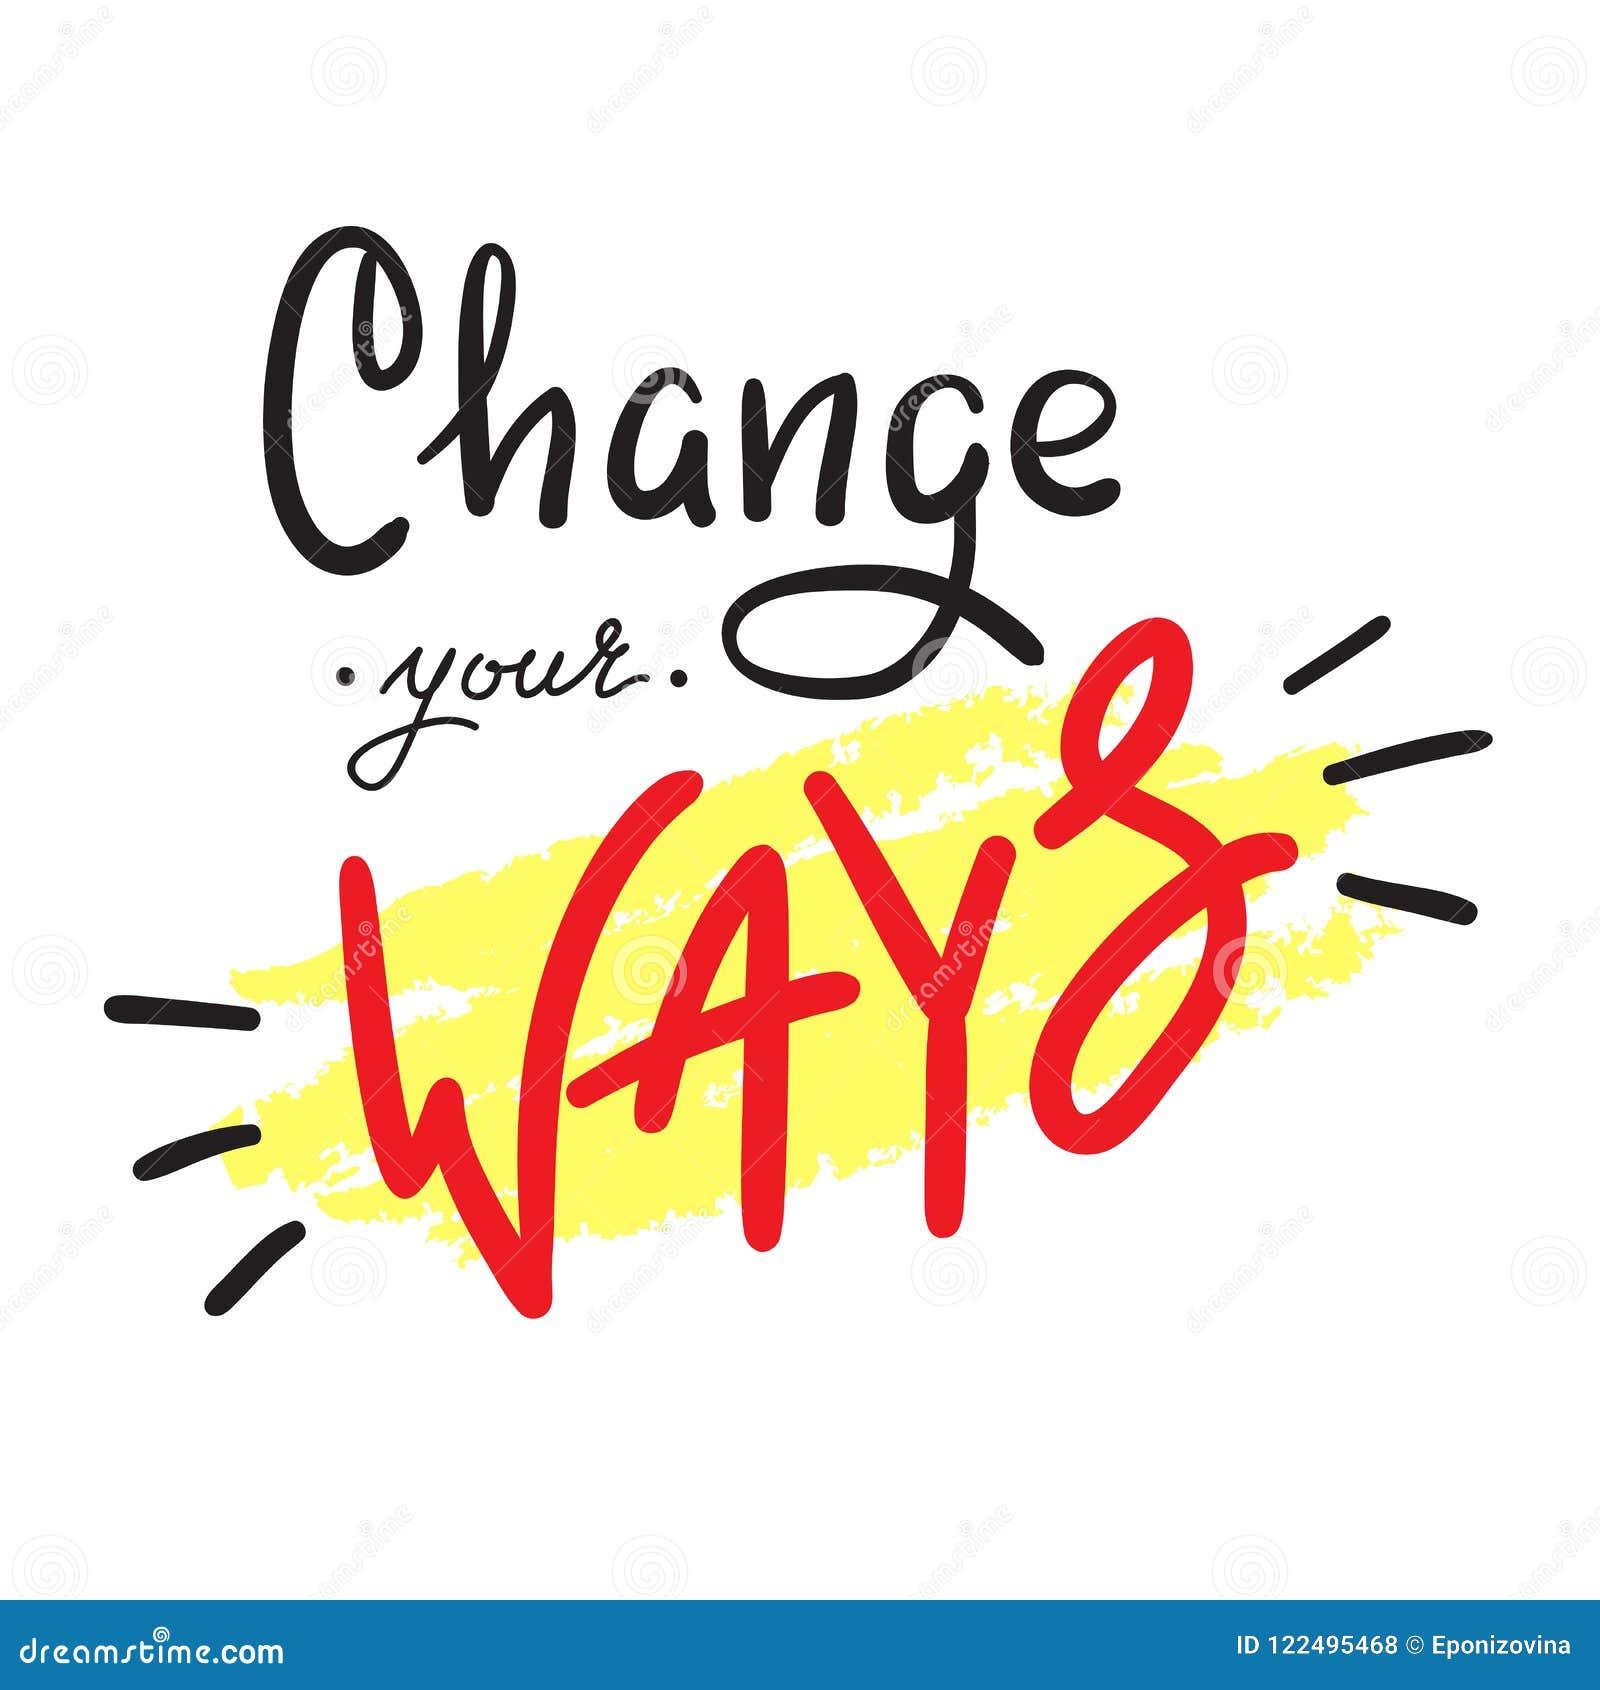 Changez vos manières - simples inspirez et citation de motivation